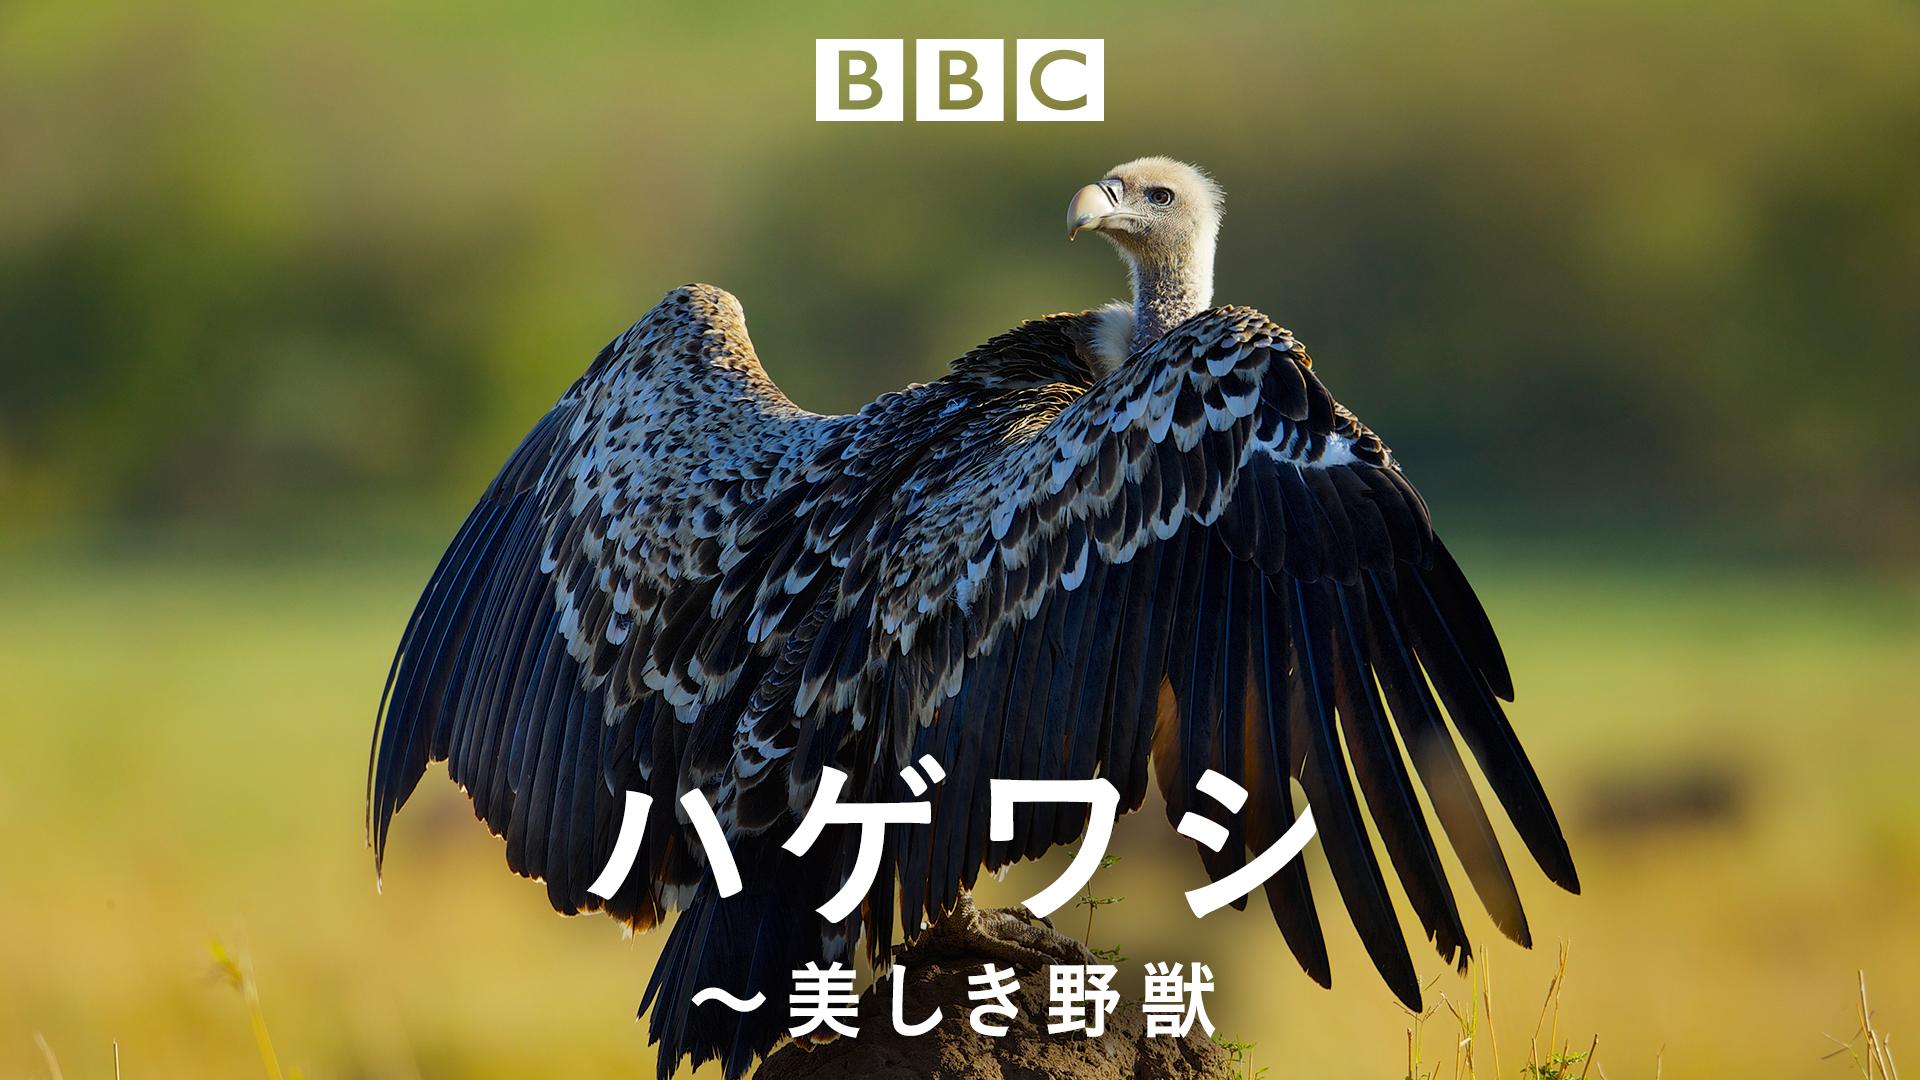 特集:動物の謝肉祭 ハゲワシ~美しき野獣~ (ナチュラルワールド)